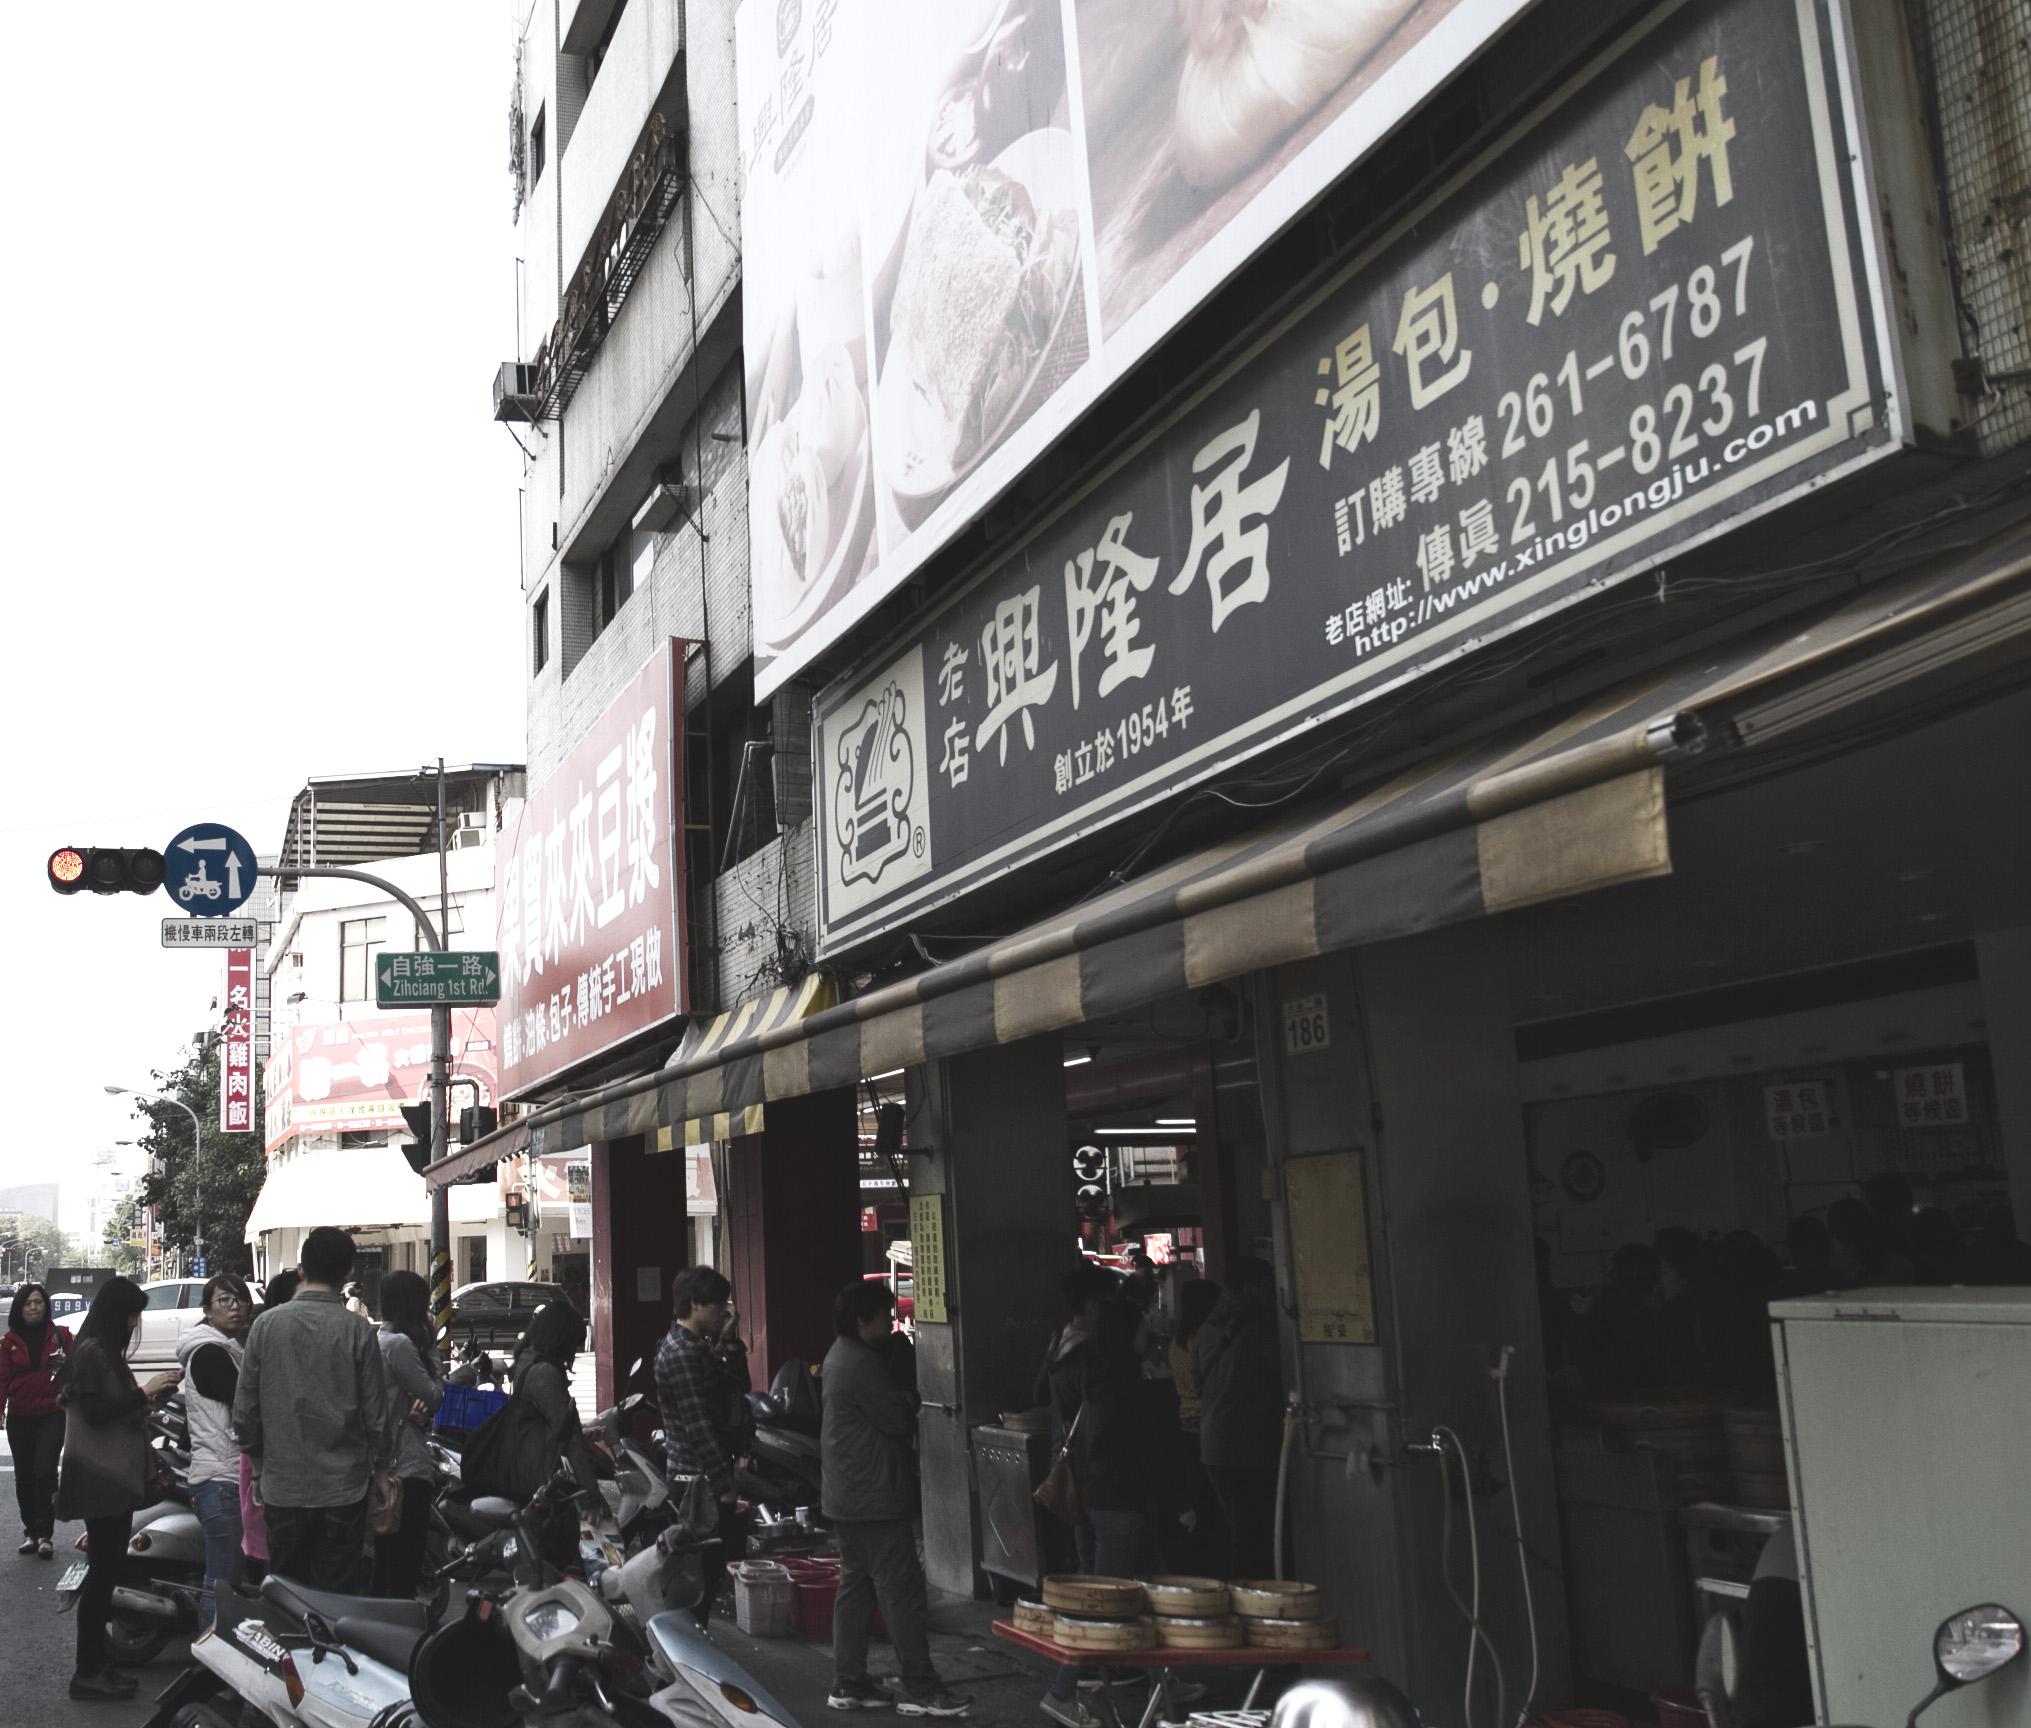 xinglongjushop